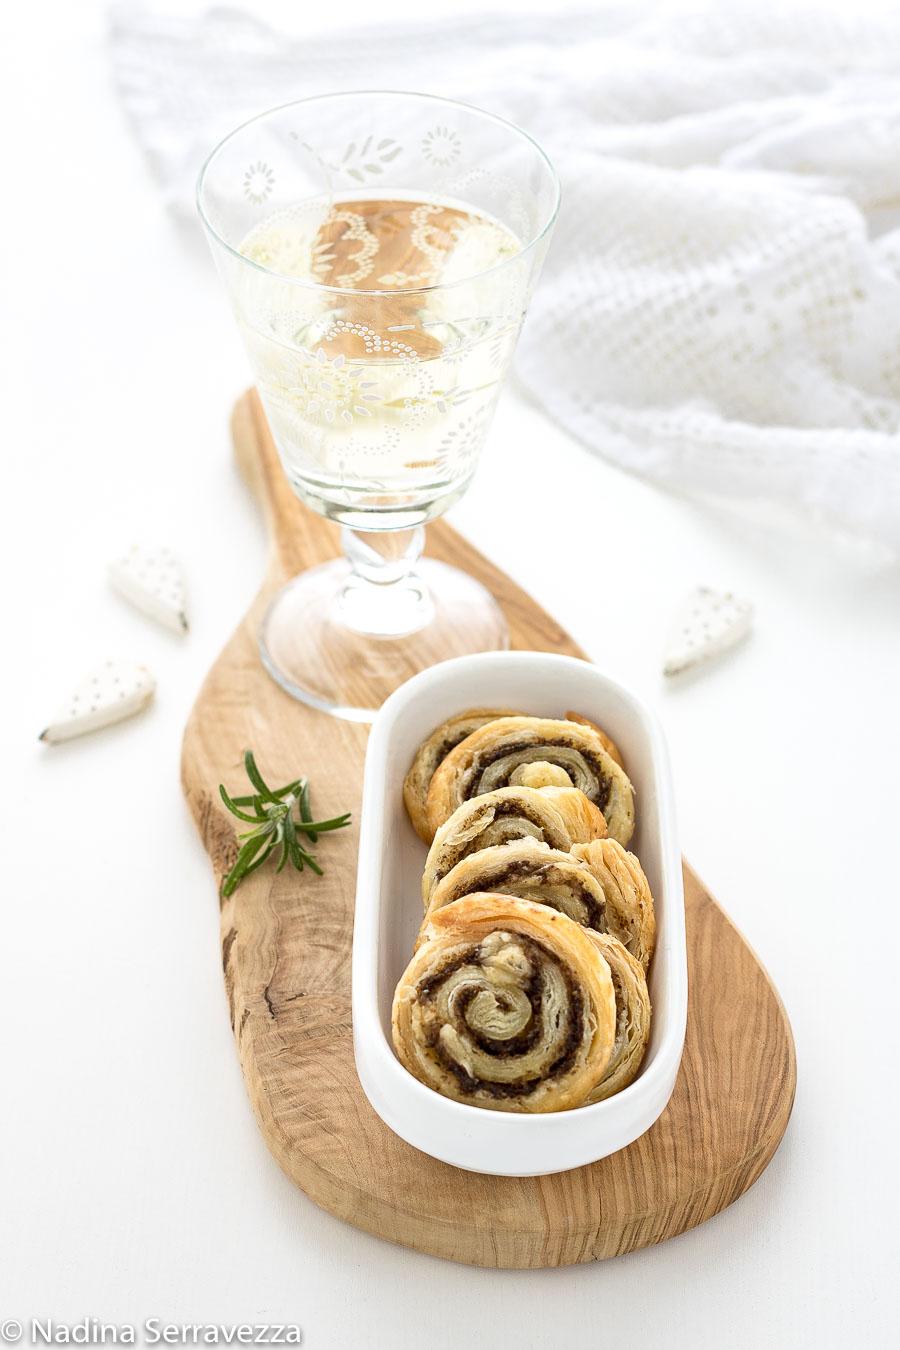 Girelle di pasta sfoglia con paté di funghi cardoncelli e scaglie di caciocavallo lucano